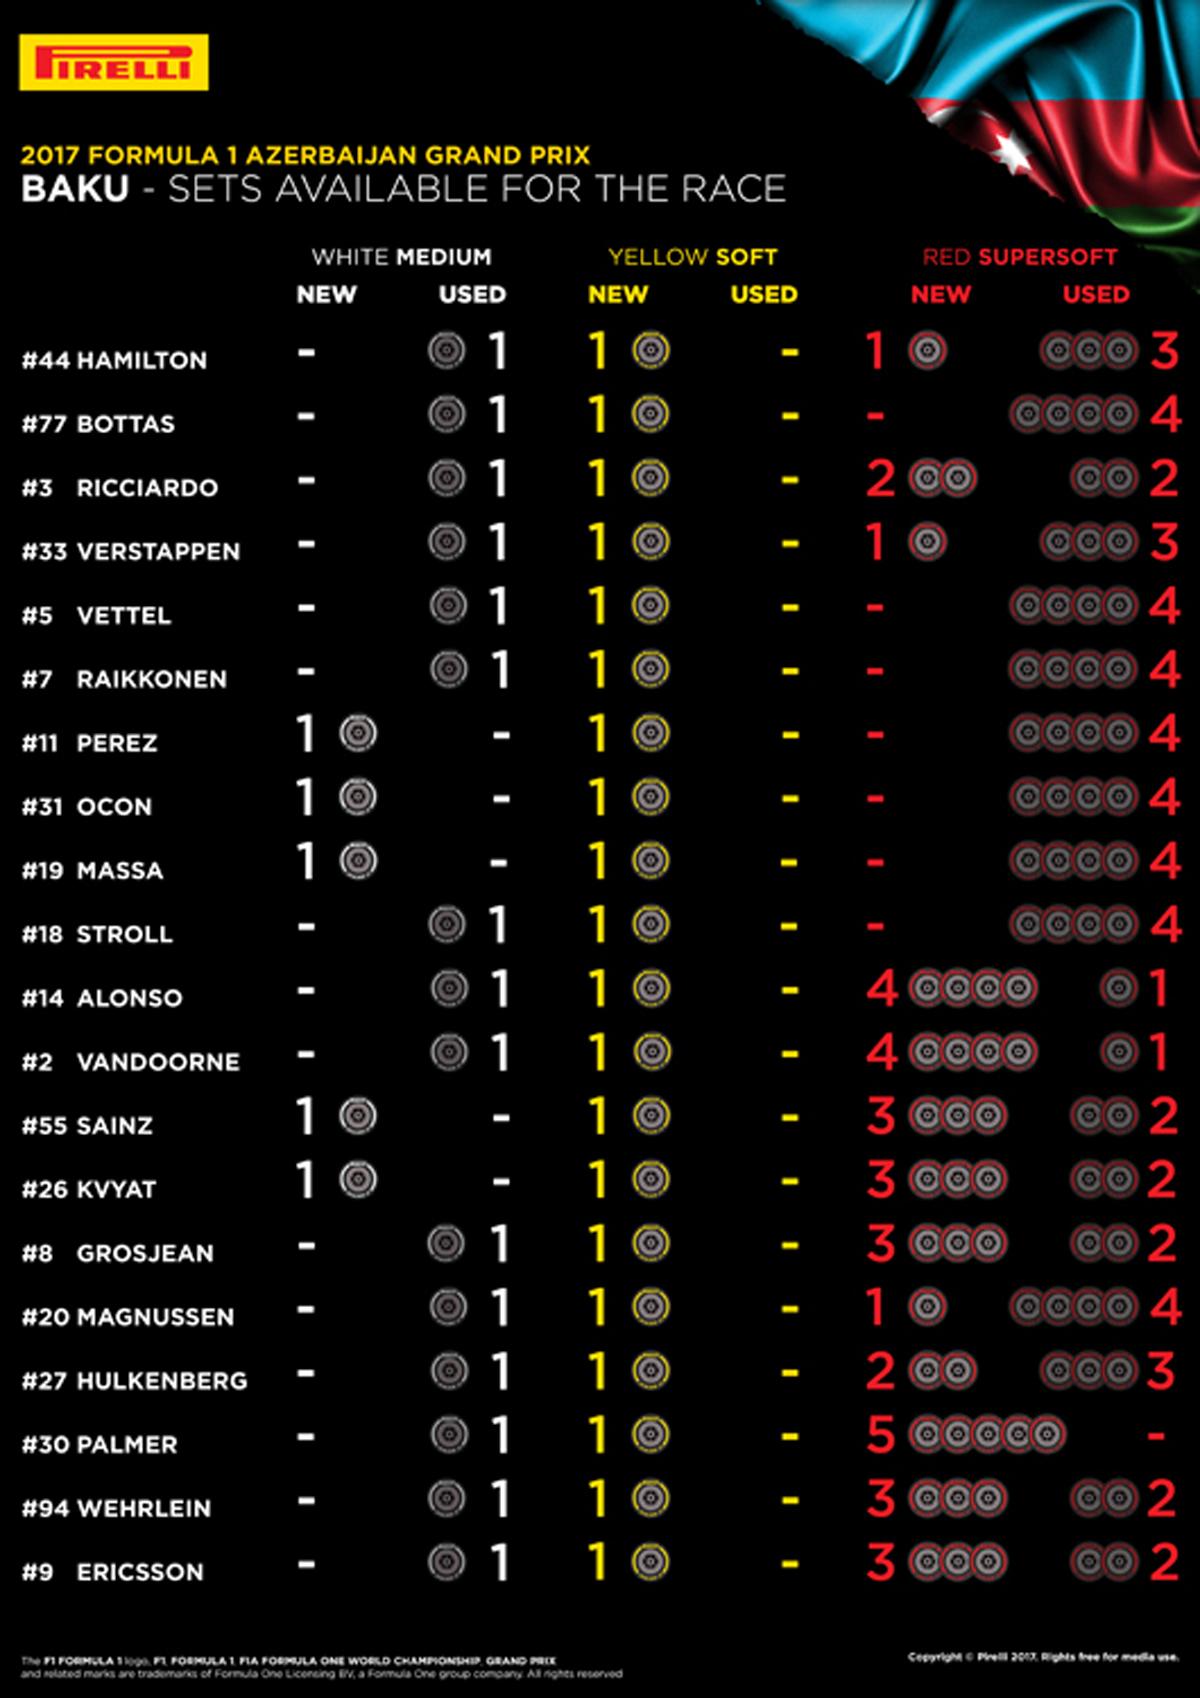 F1アゼルバイジャンGP 各ドライバーの持ちタイヤ数